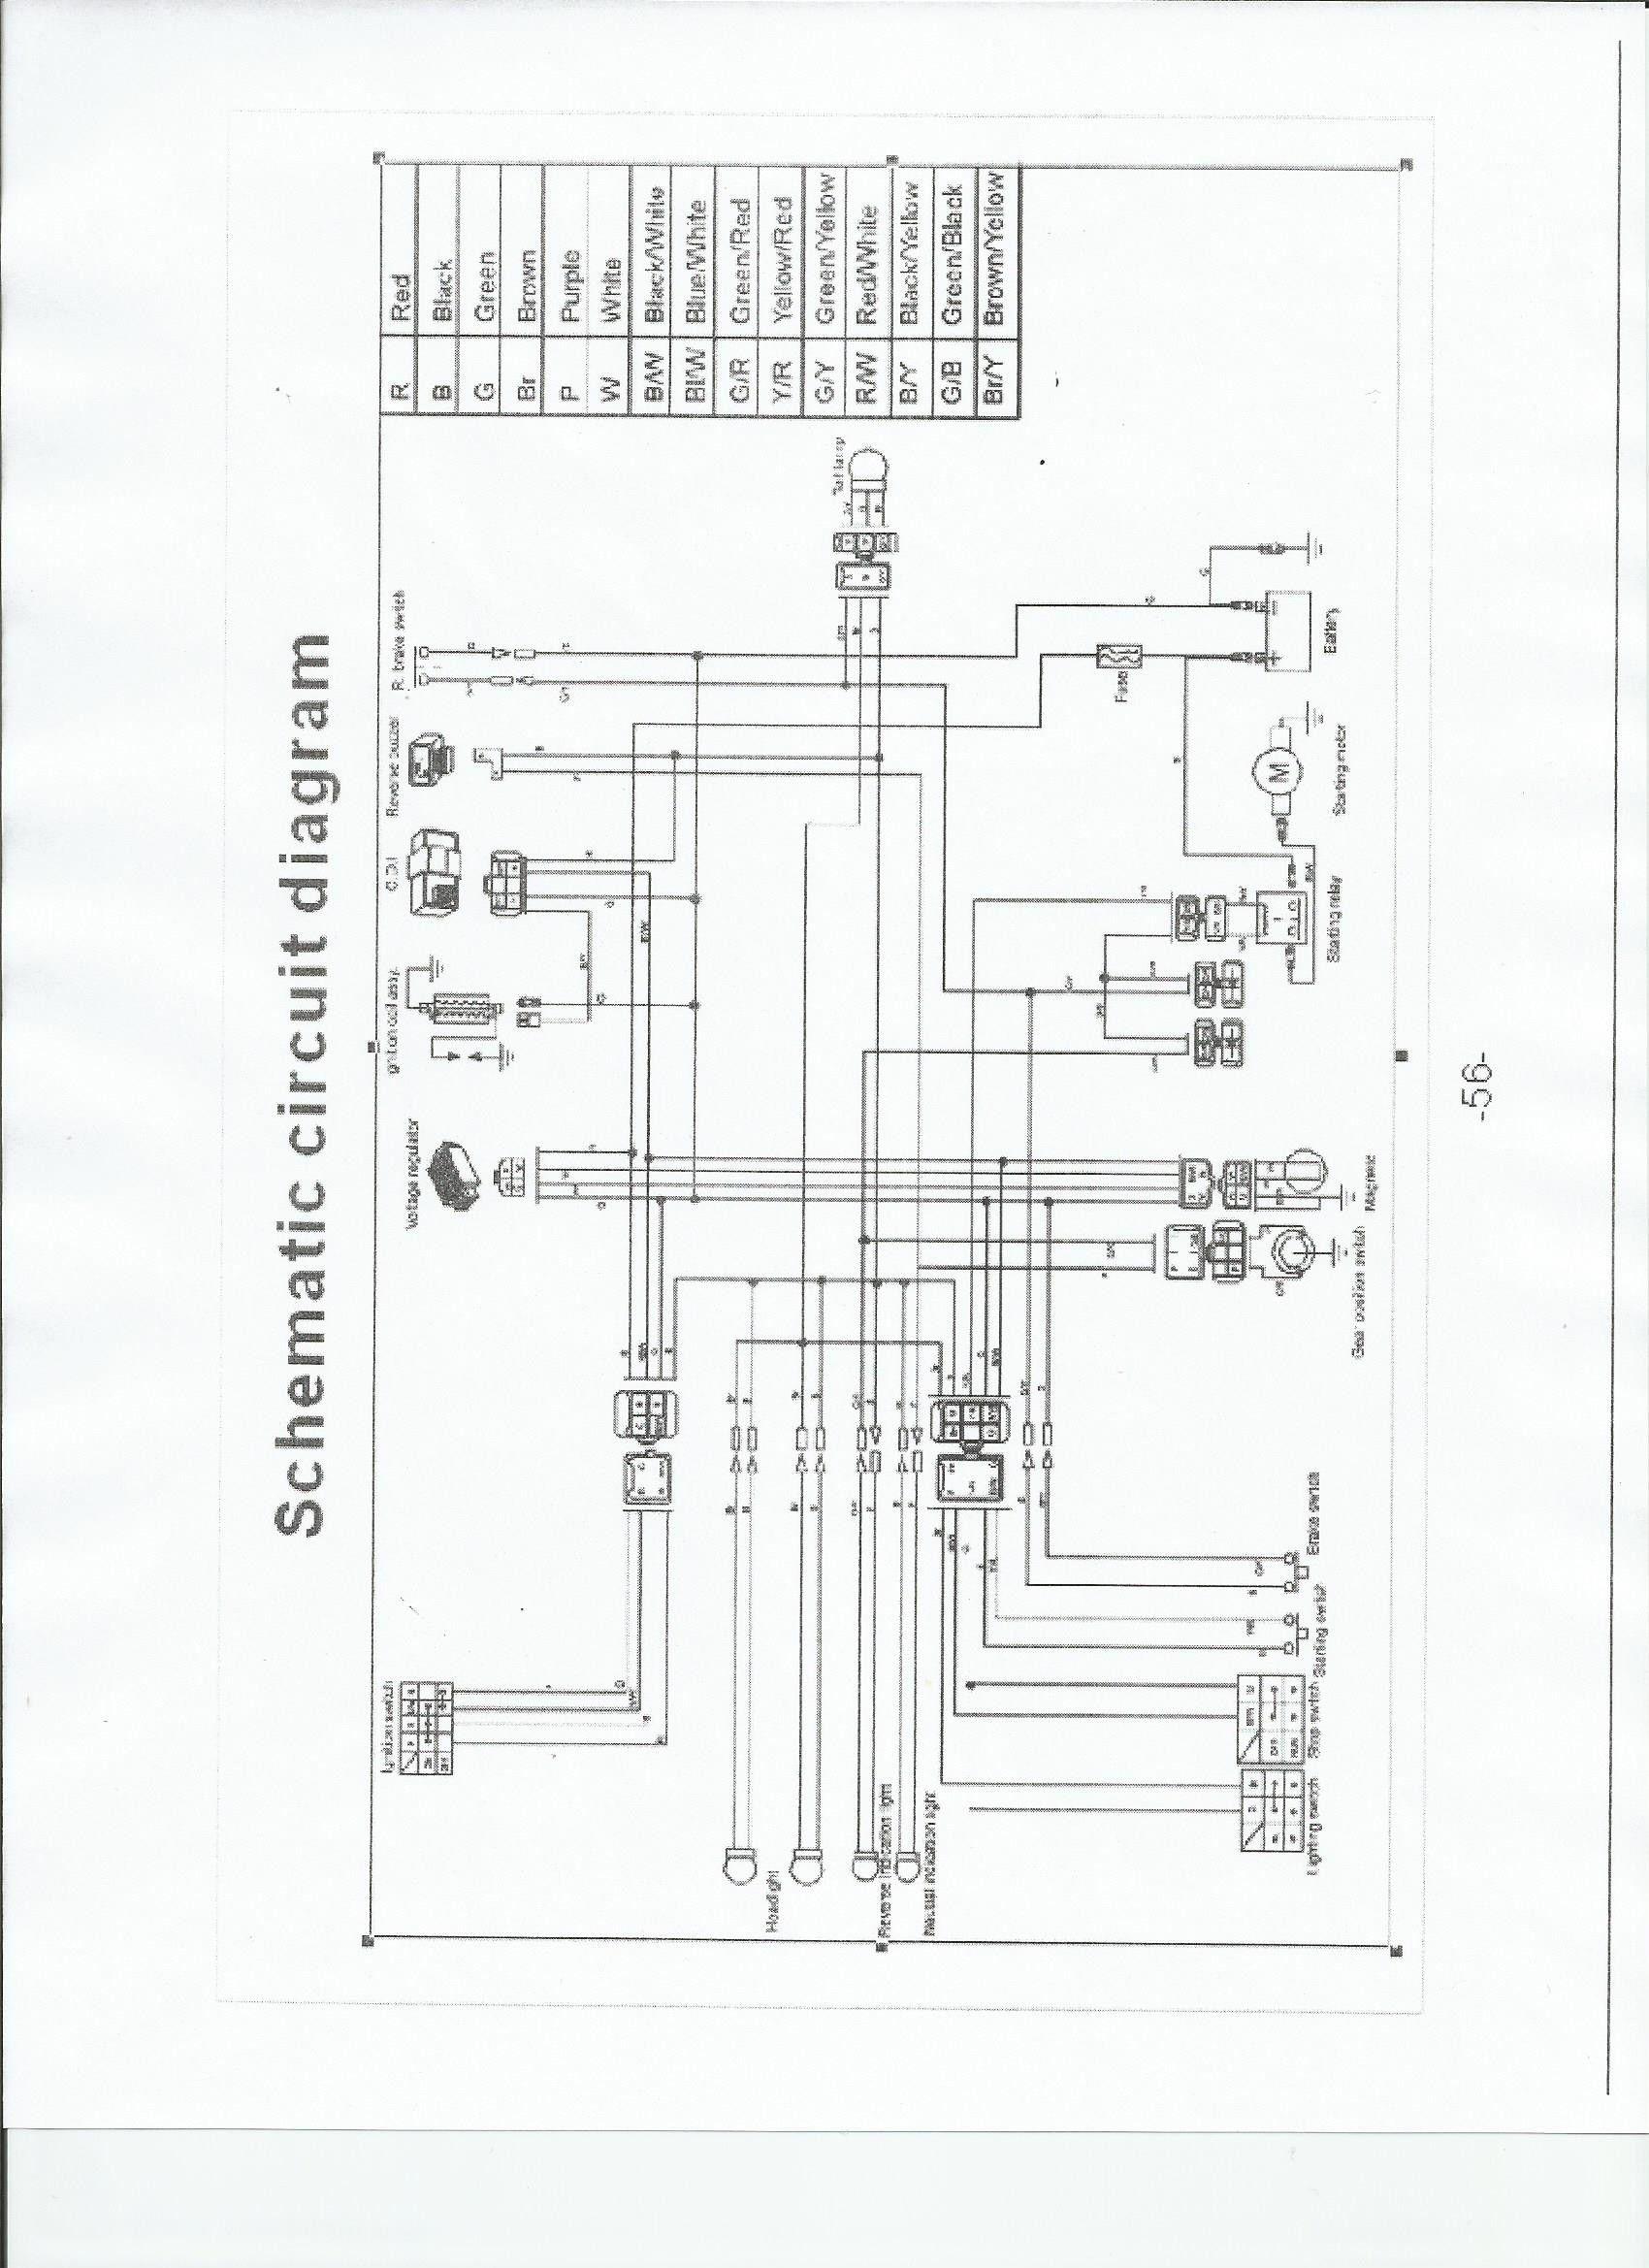 Tao Tao 110 Wiring Diagram Chromatex Taotao Atv Atv Diagram